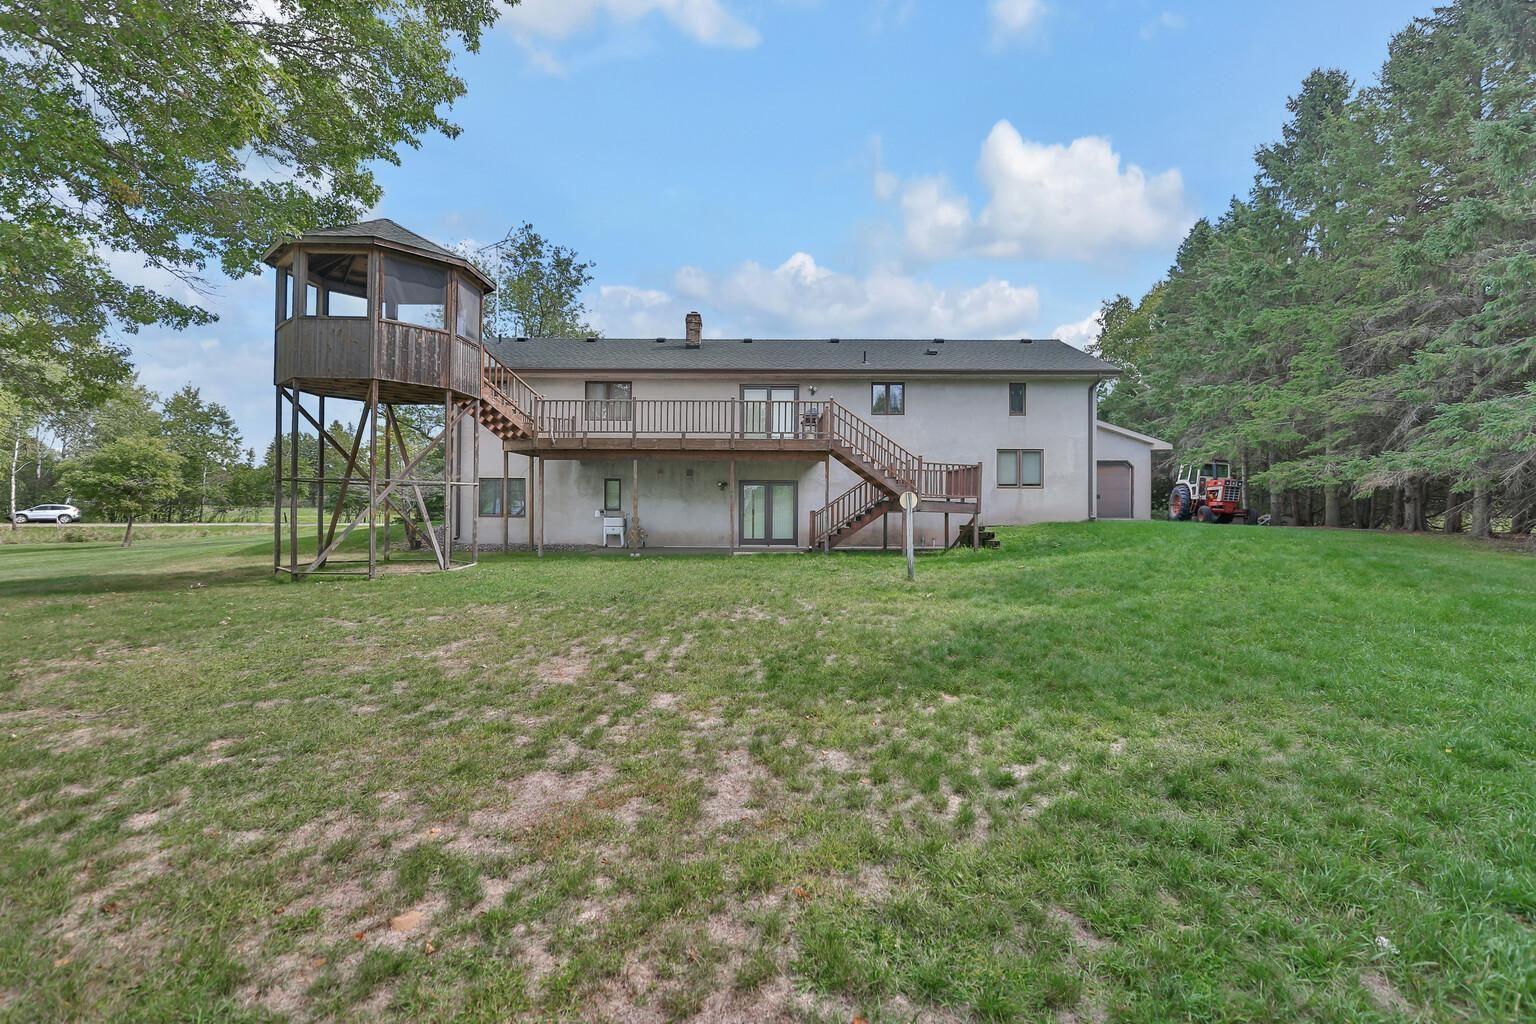 Photo of 13452 Goodview Avenue N, Hugo, MN 55038 (MLS # 6100883)